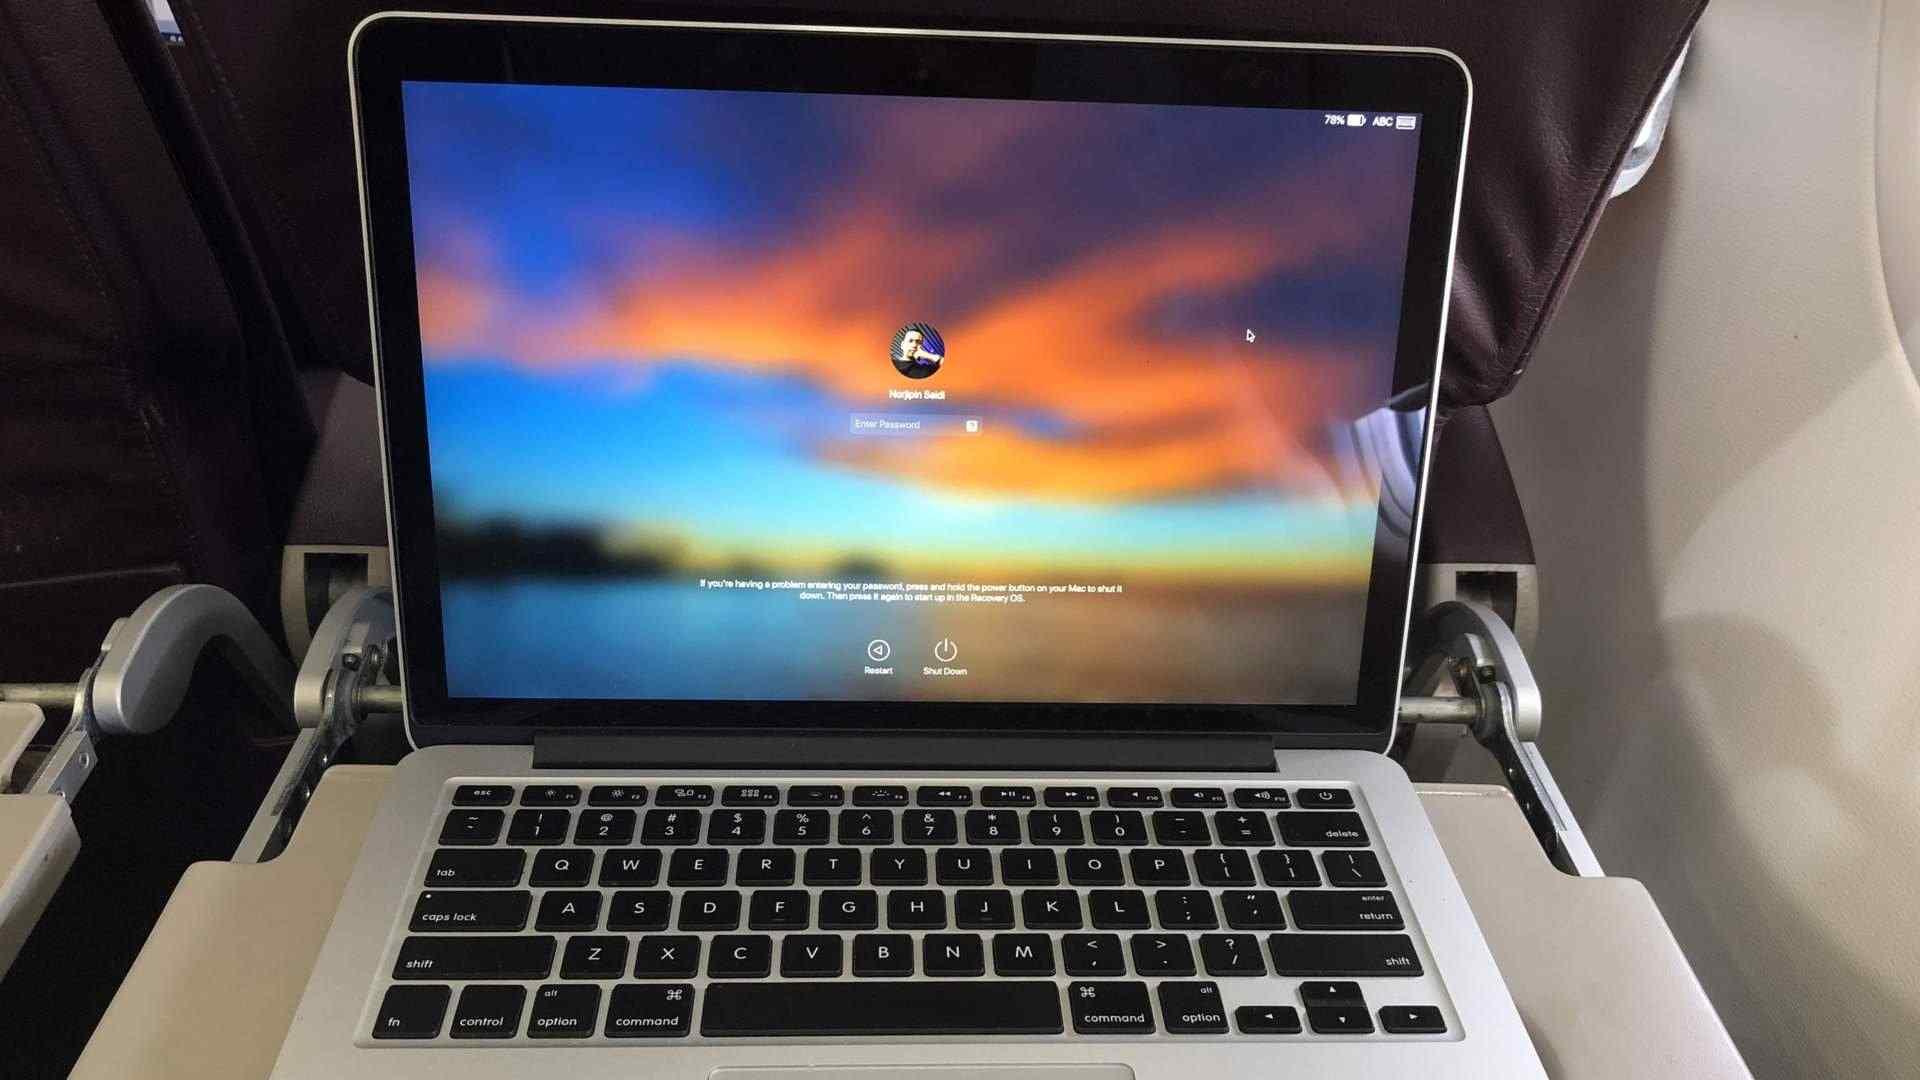 MacBook usado em mesa de avião